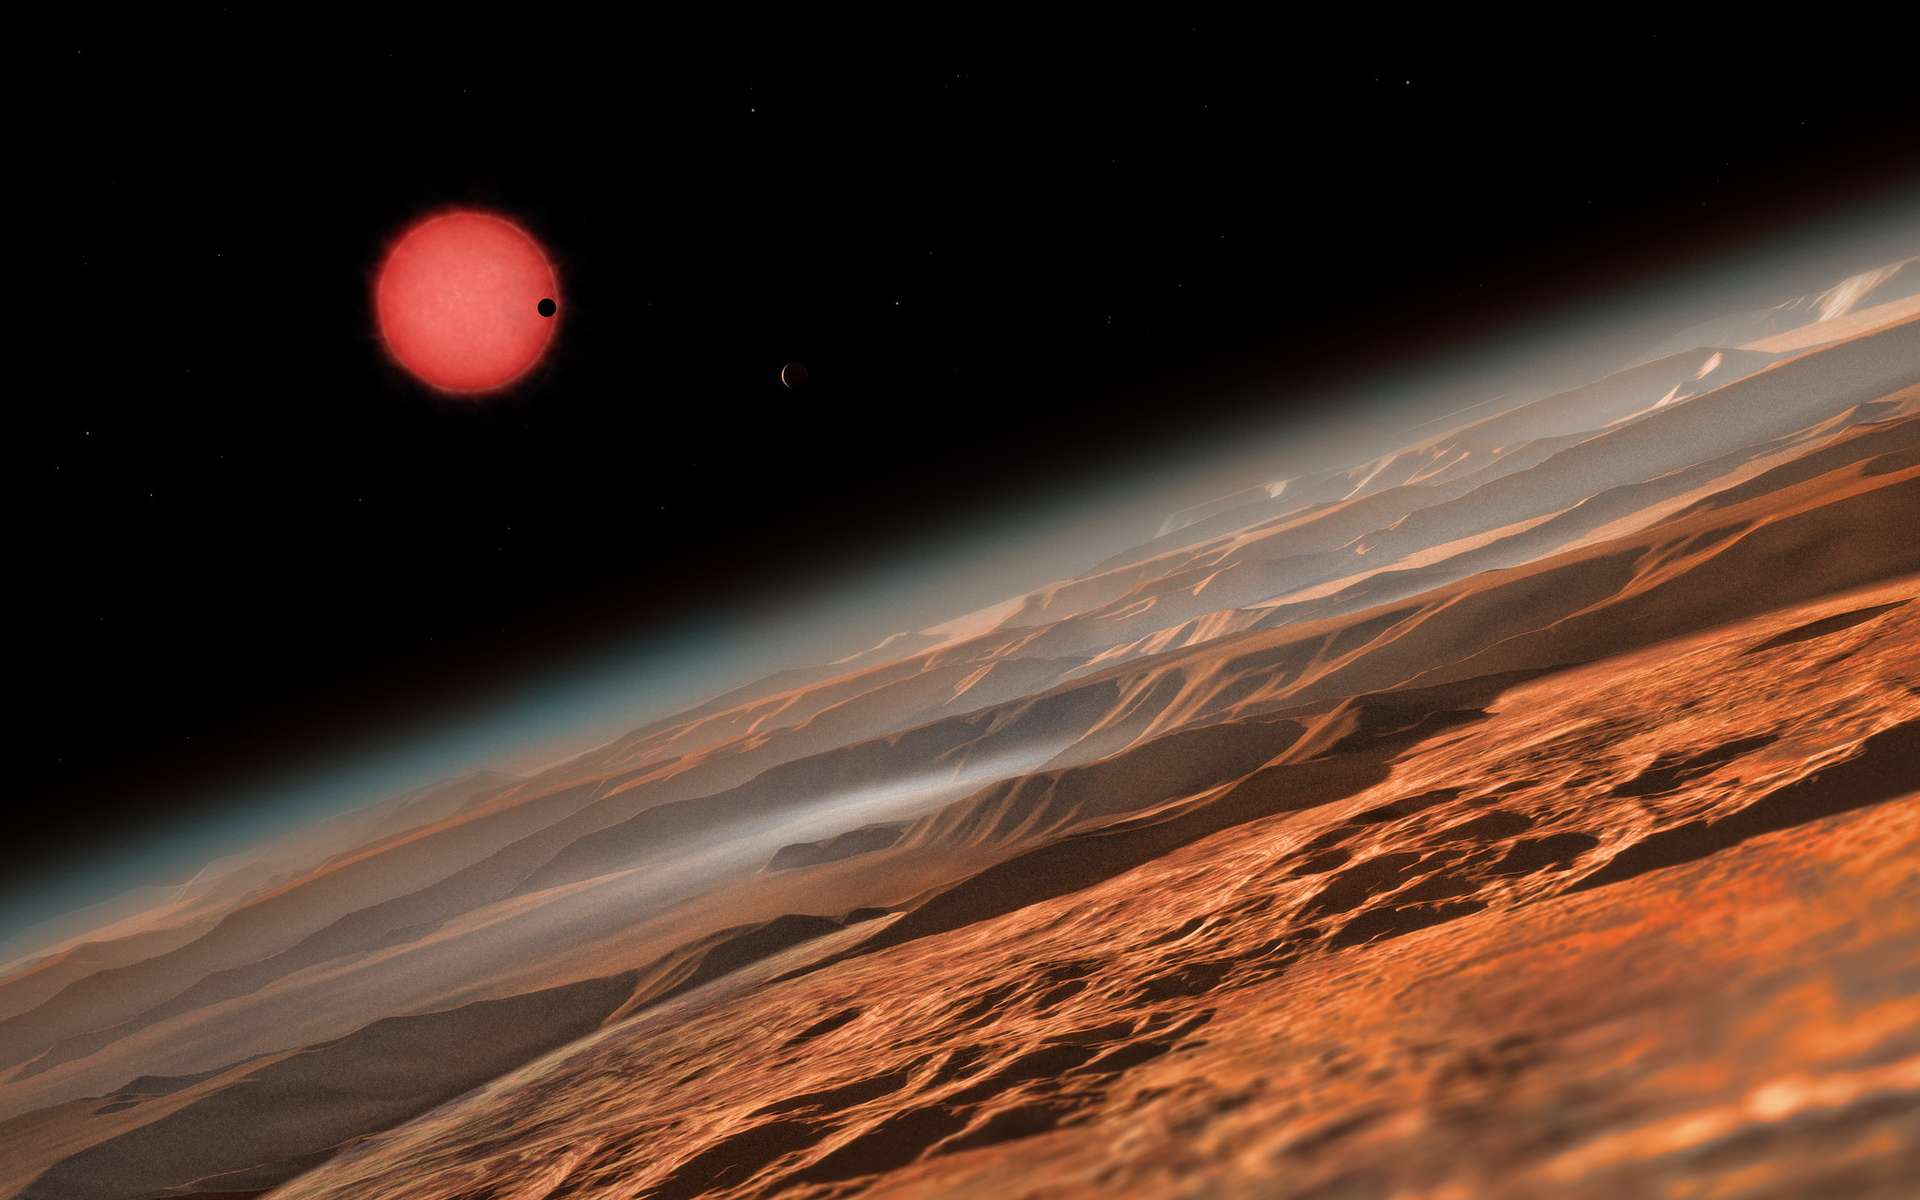 Une vue d'artiste depuis les environs d'une des trois planètes en orbite autour de l'étoile Trappist-1, une naine rouge très froide située à seulement 40 années-lumière de la Terre. Ce sont les premières planètes découvertes autour d'une telle étoile si petite et si peu lumineuse. Sur l'image, l'une des planètes internes passe devant le disque de sa petite et peu lumineuse étoile. © ESO, M. Kornmesser